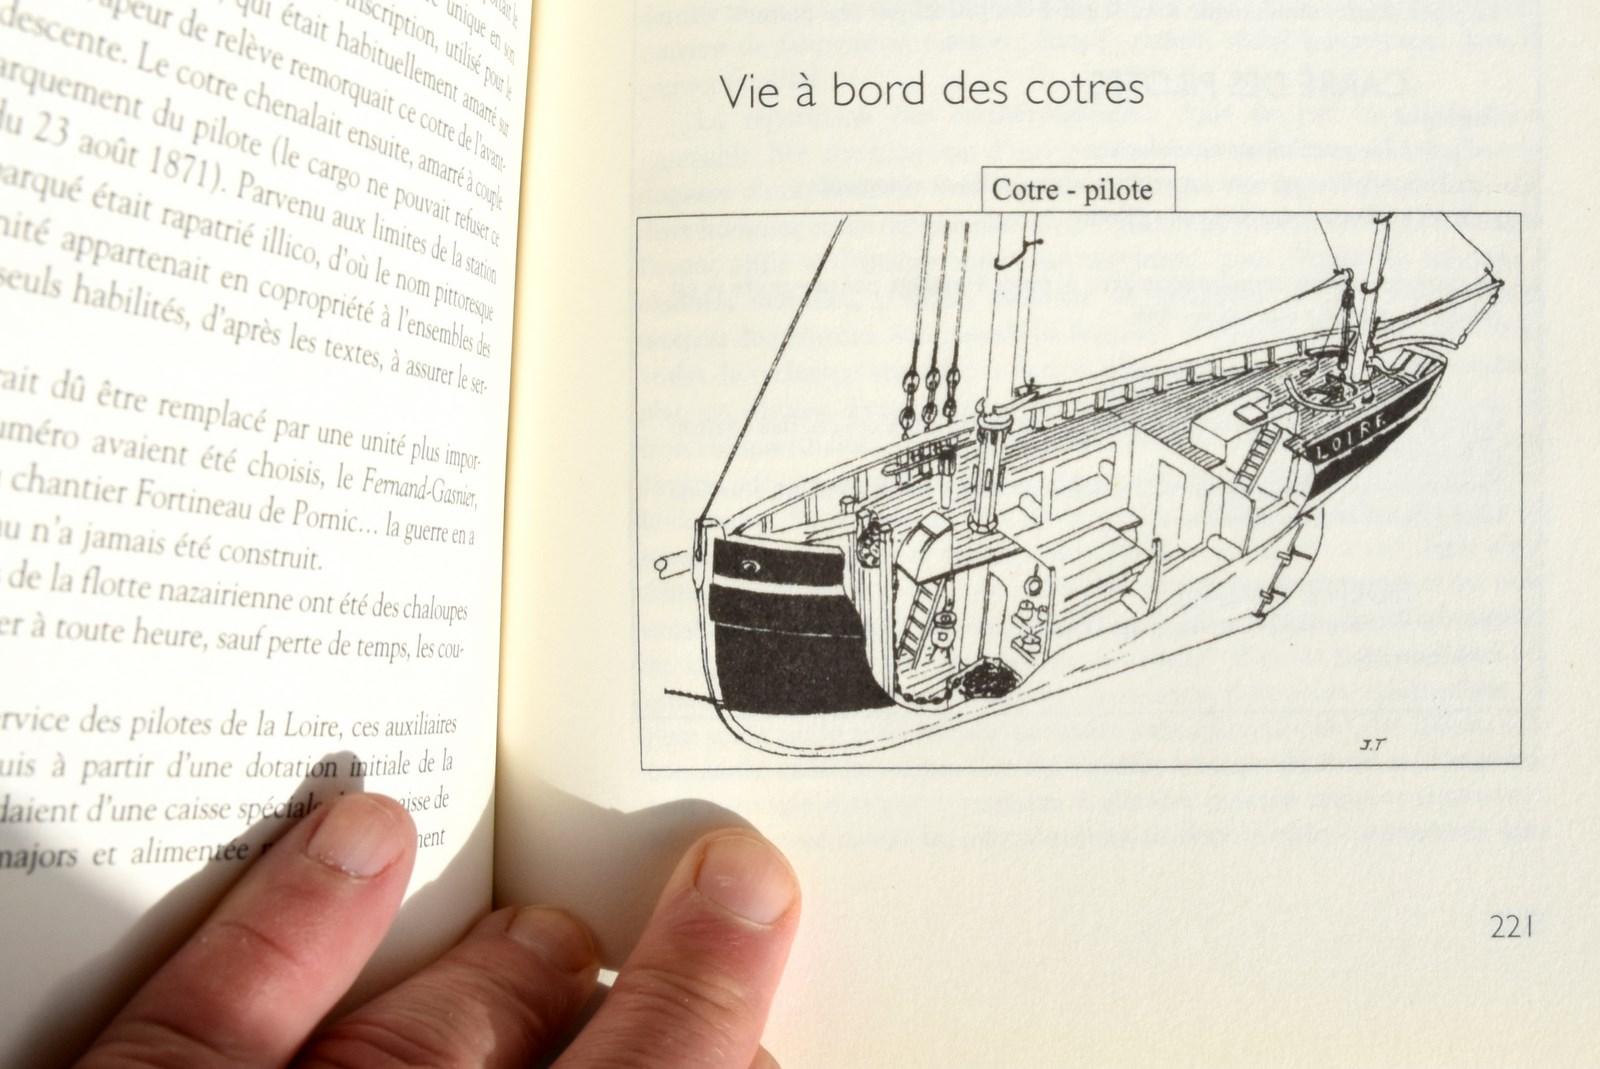 recherche des plans d'un modèle de yacht classique télécommandable inachevé - Page 2 171020025157135540